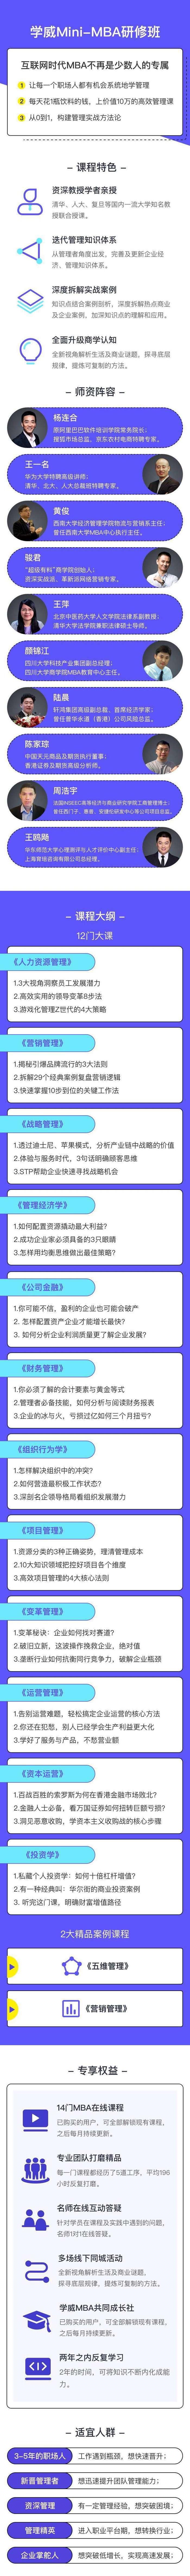 课程详情-小鹅通-去尾部.jpg